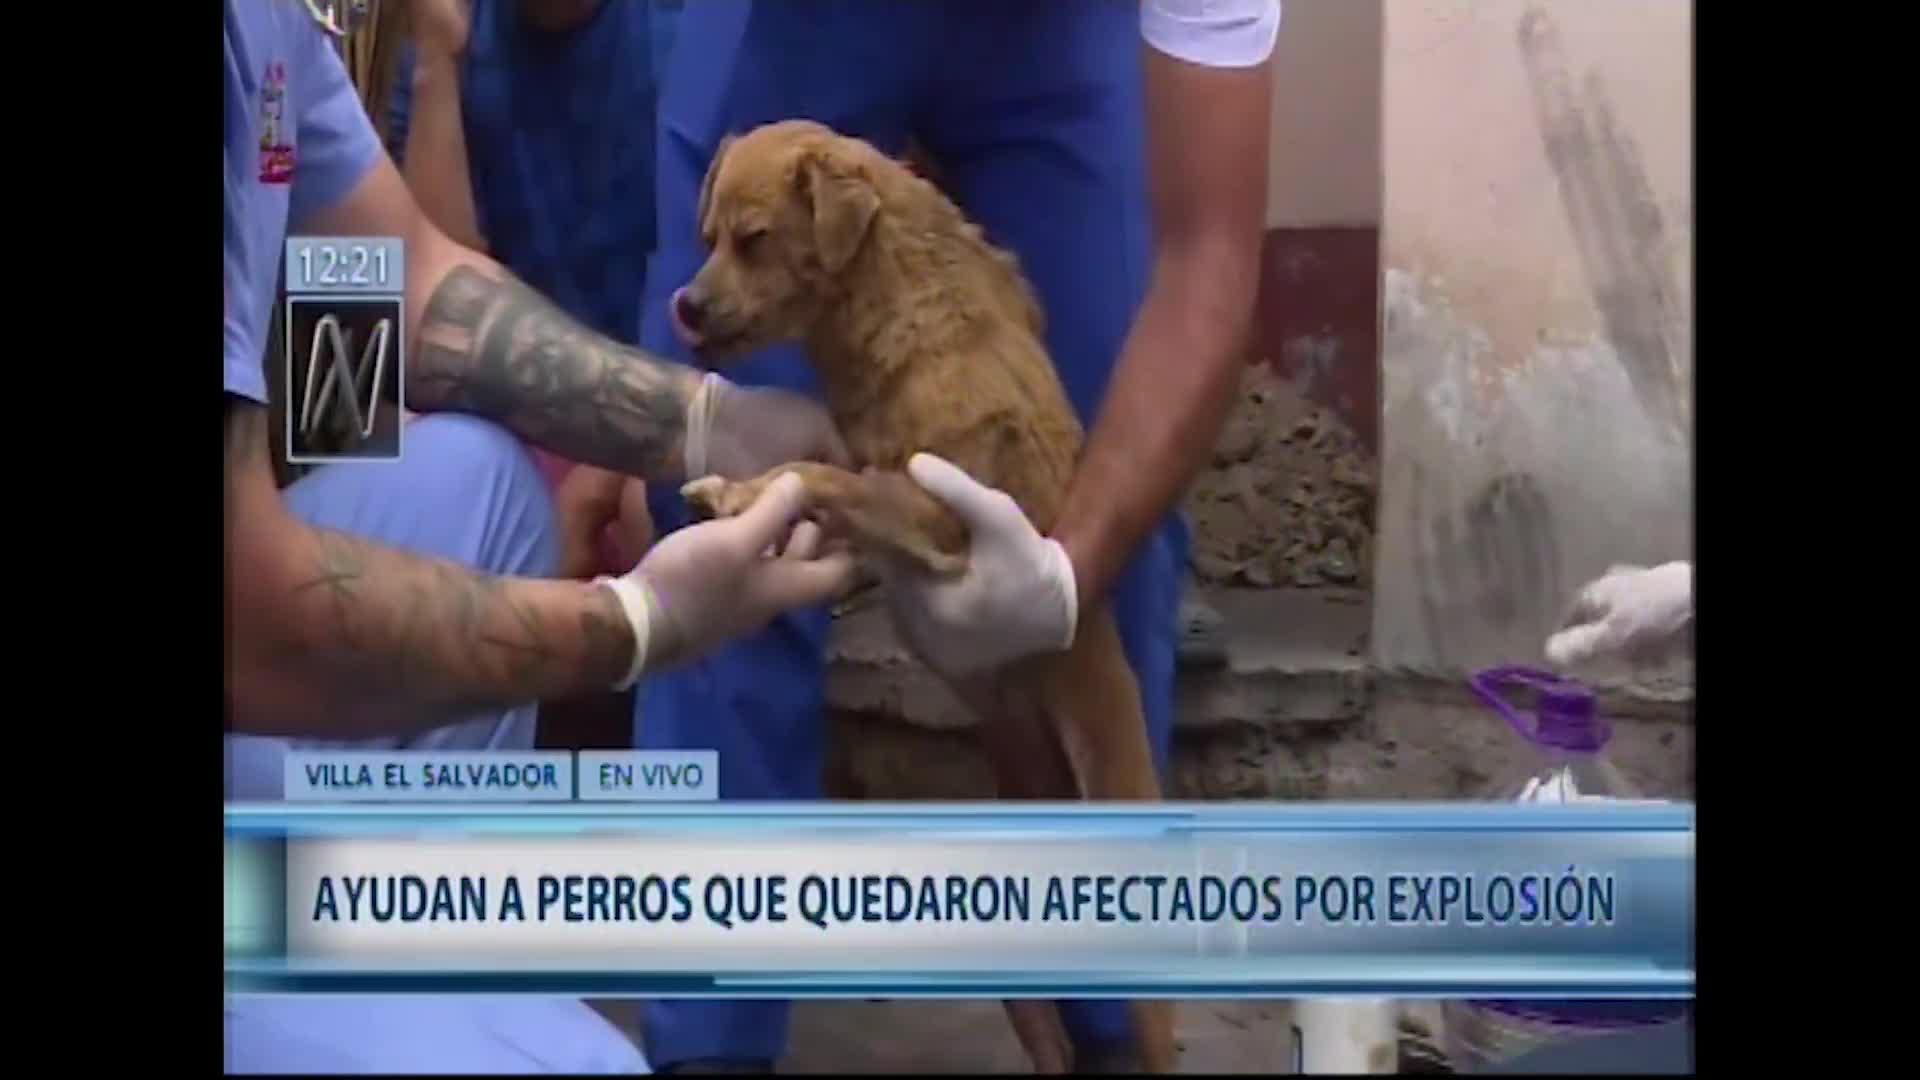 Incendio en VES: animales afectados por explosión reciben ayuda